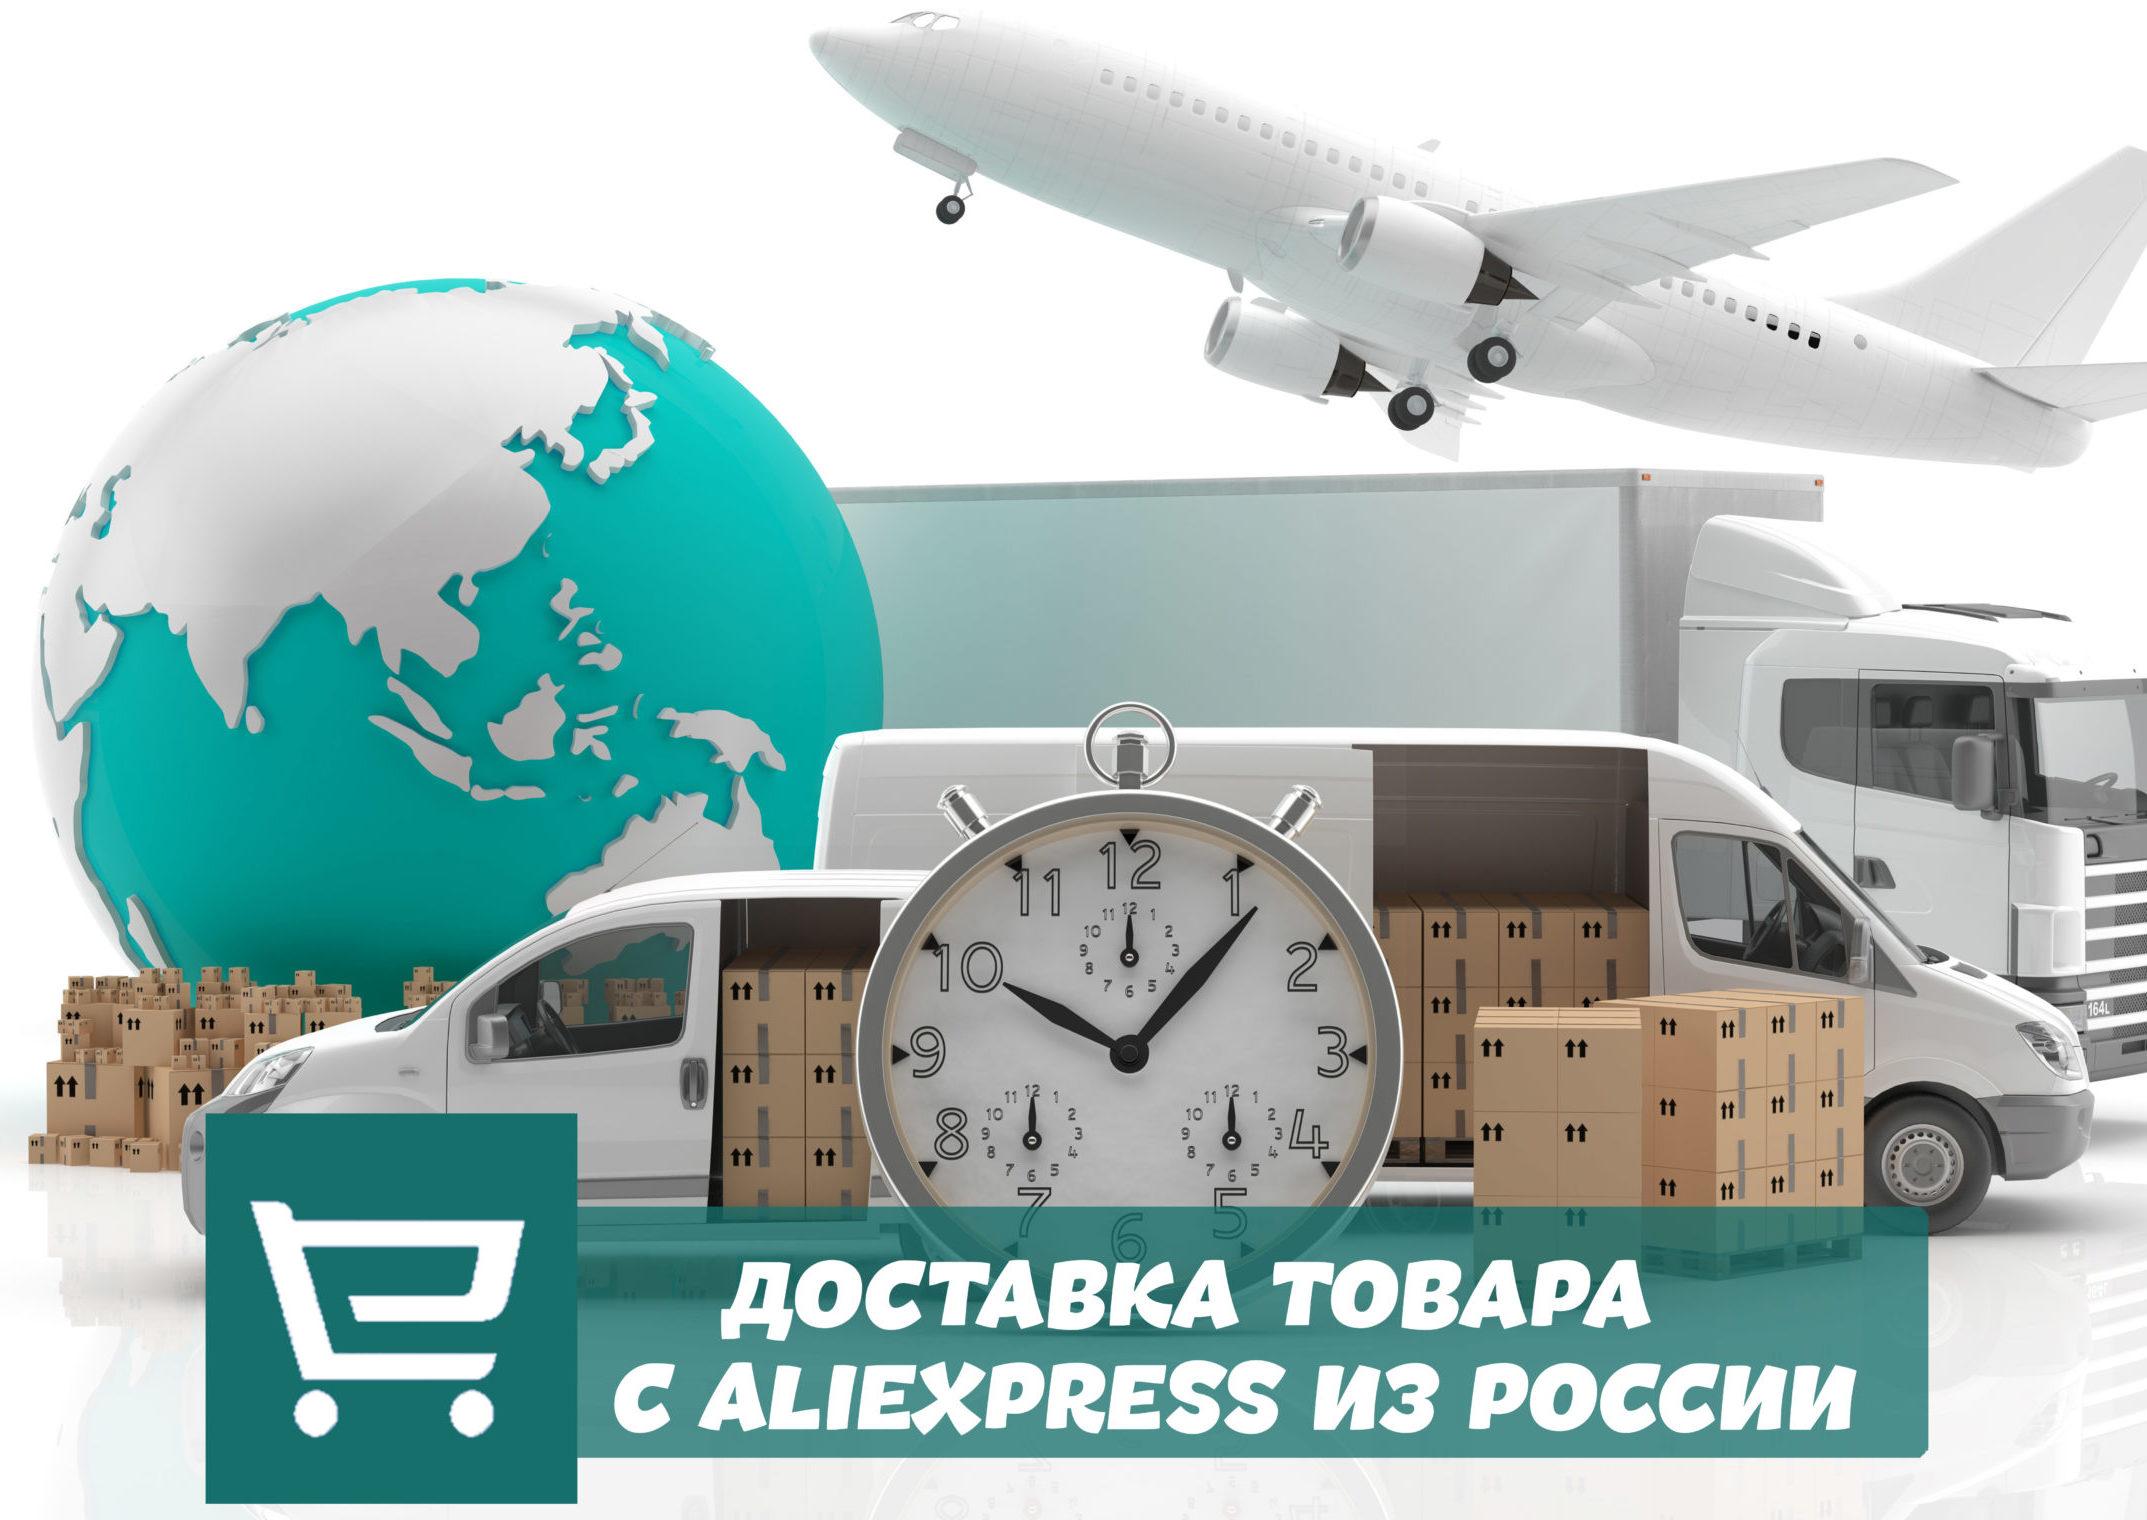 Доставка товара Aliexpress из России